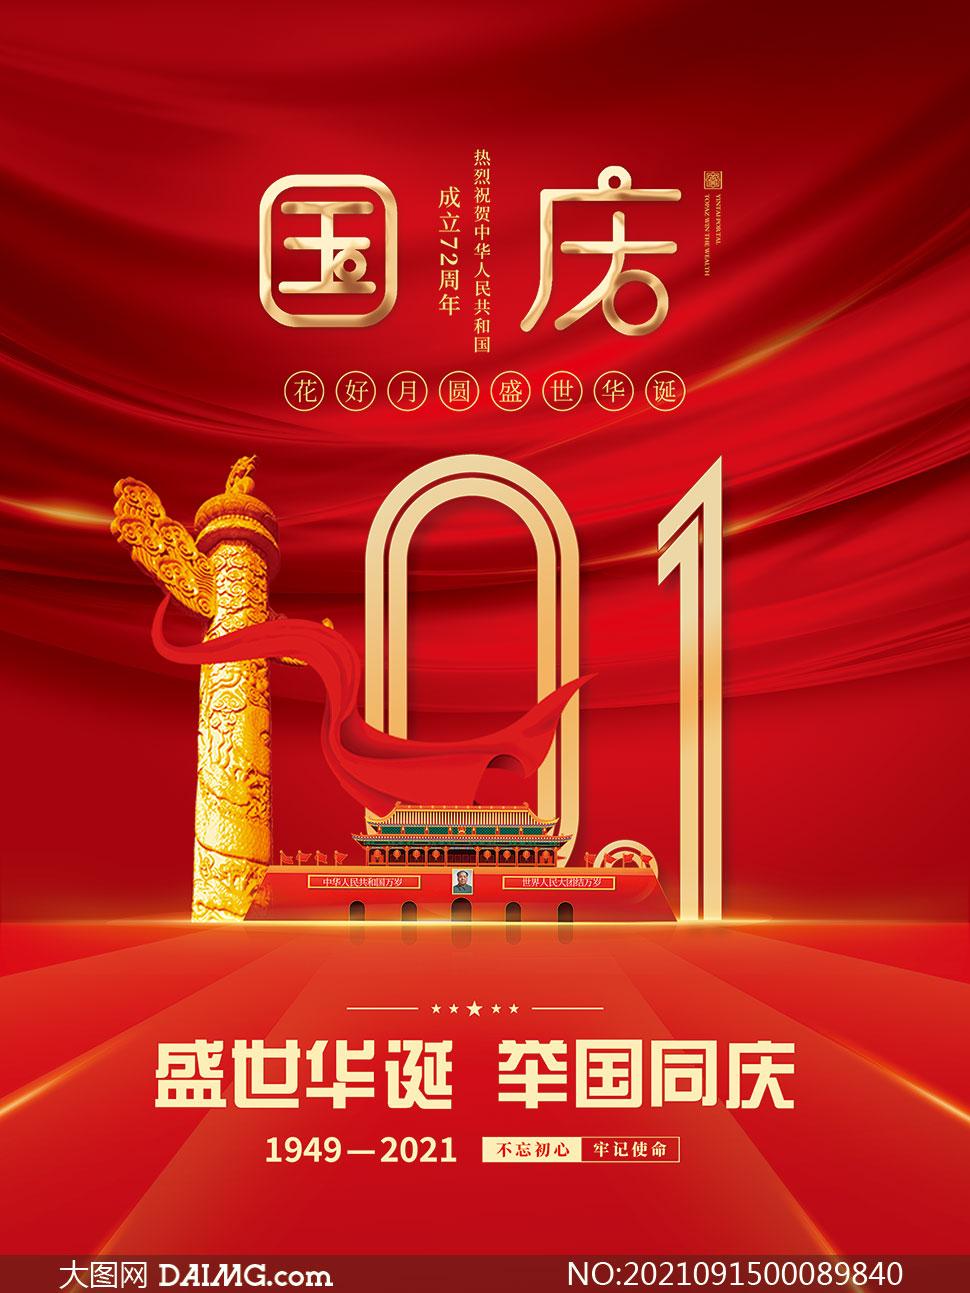 红色喜庆国庆节72周年海报PSD素材